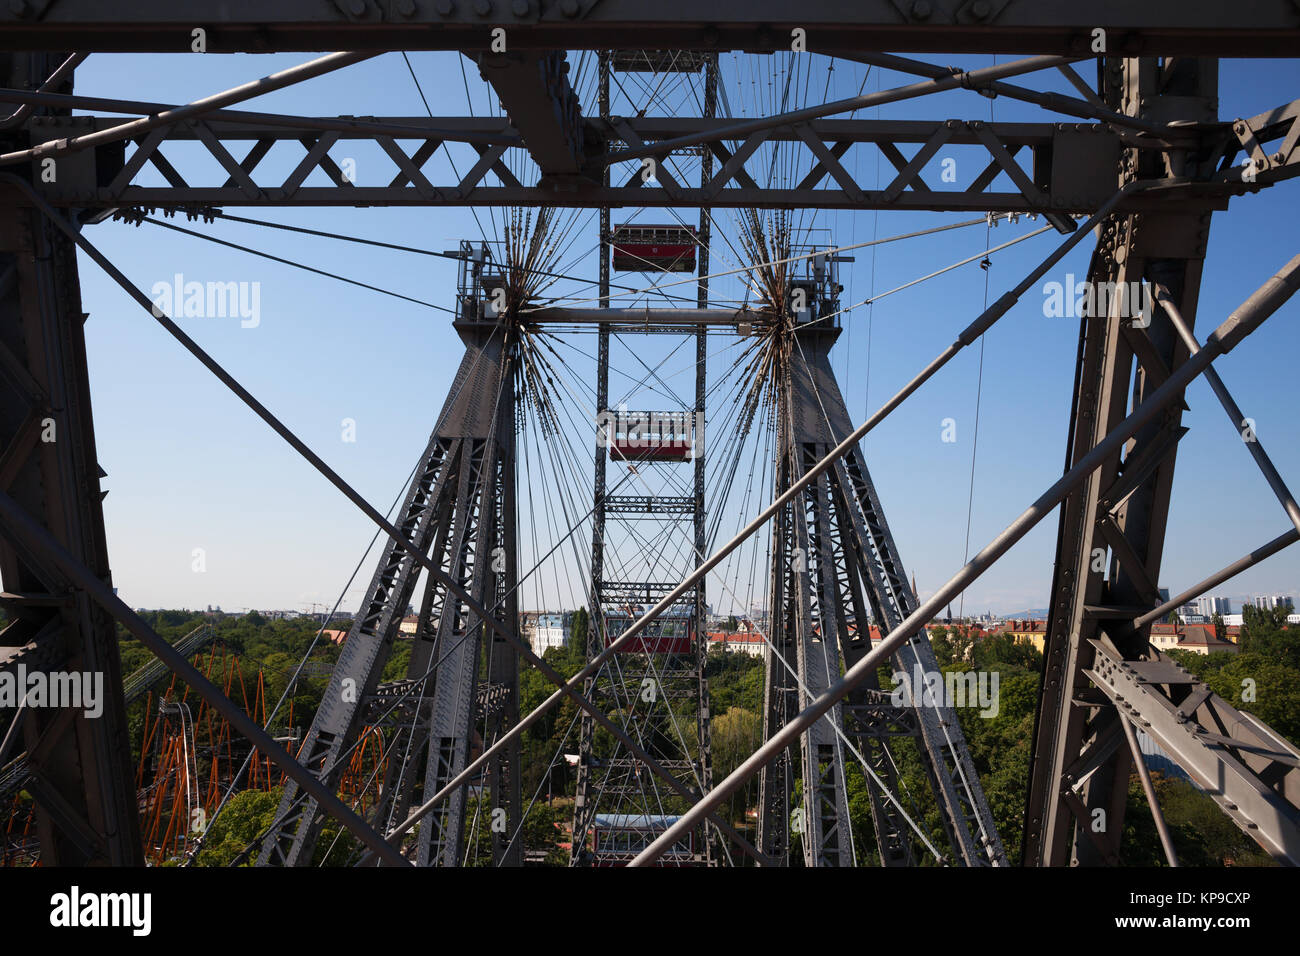 Noria gigante - Wiener Riesenrad construcción metálica del siglo XIX en el parque de atracciones Prater, en la ciudad Foto de stock